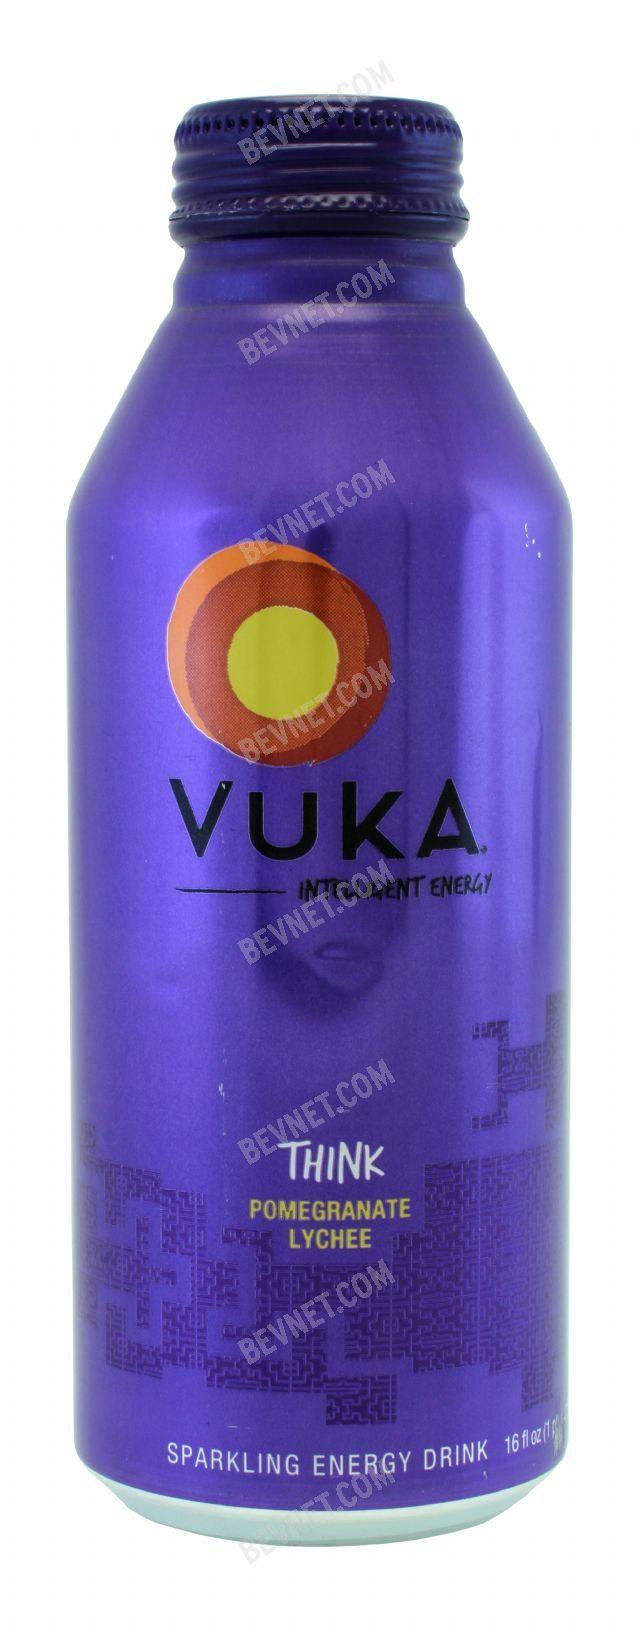 Vuka: